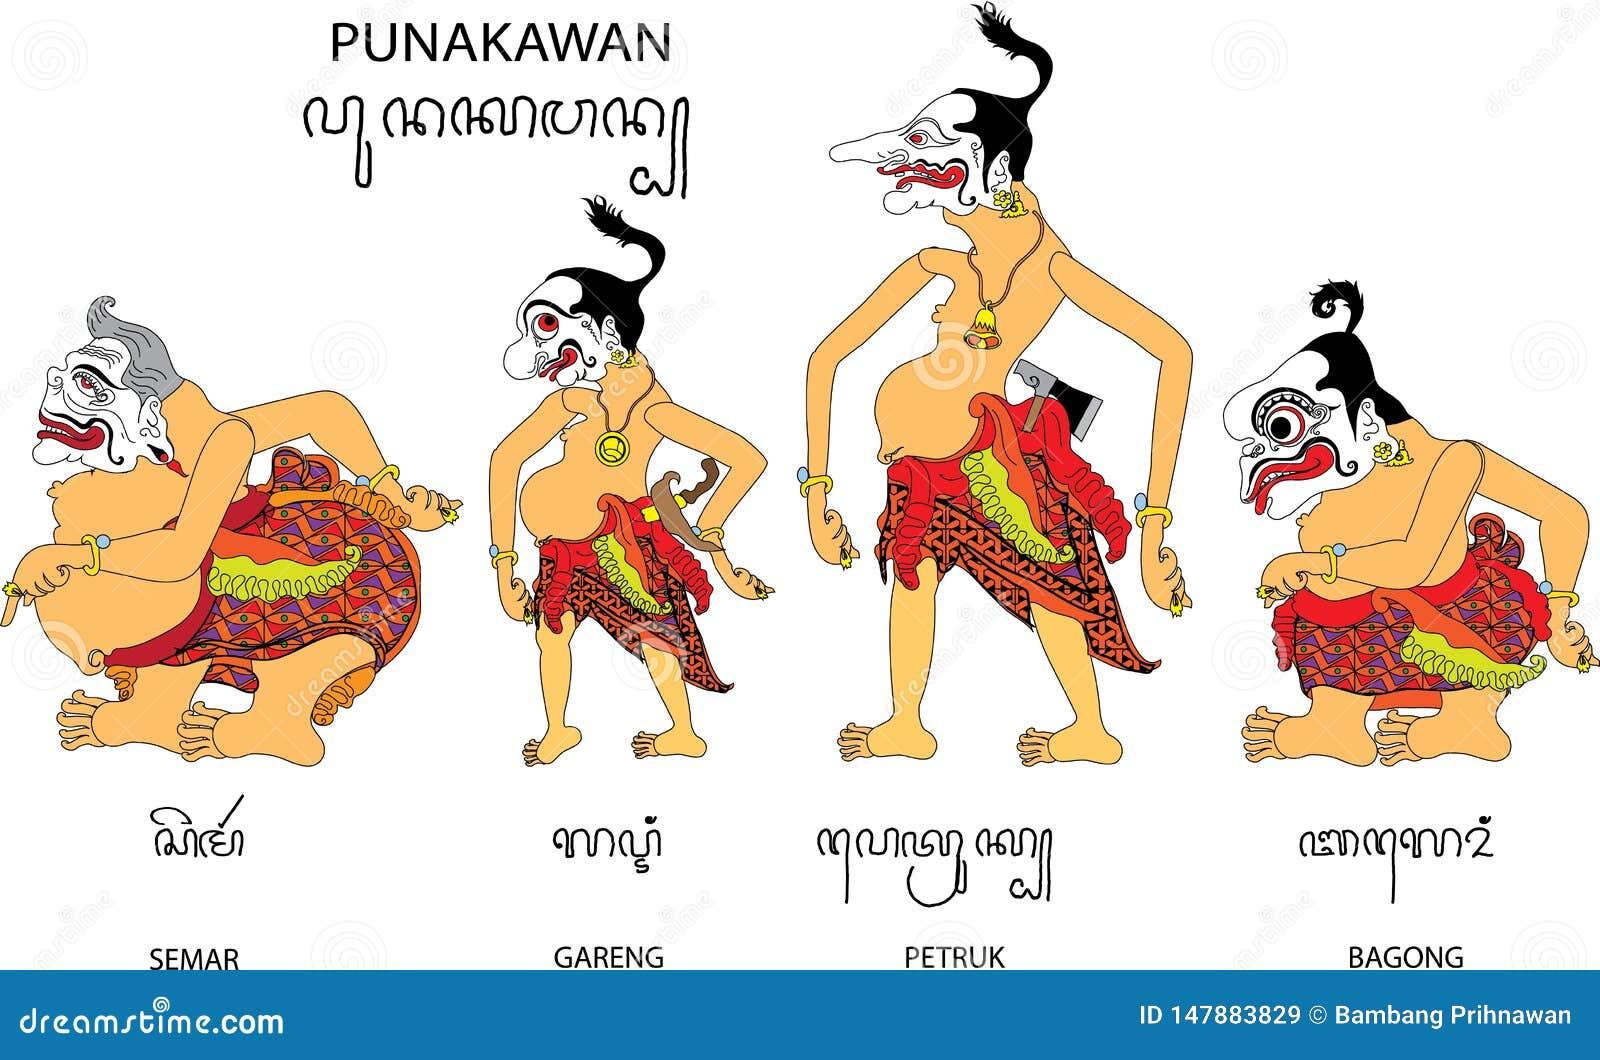 Punakawan Ilustraciones Stock Vectores Y Clipart – 3